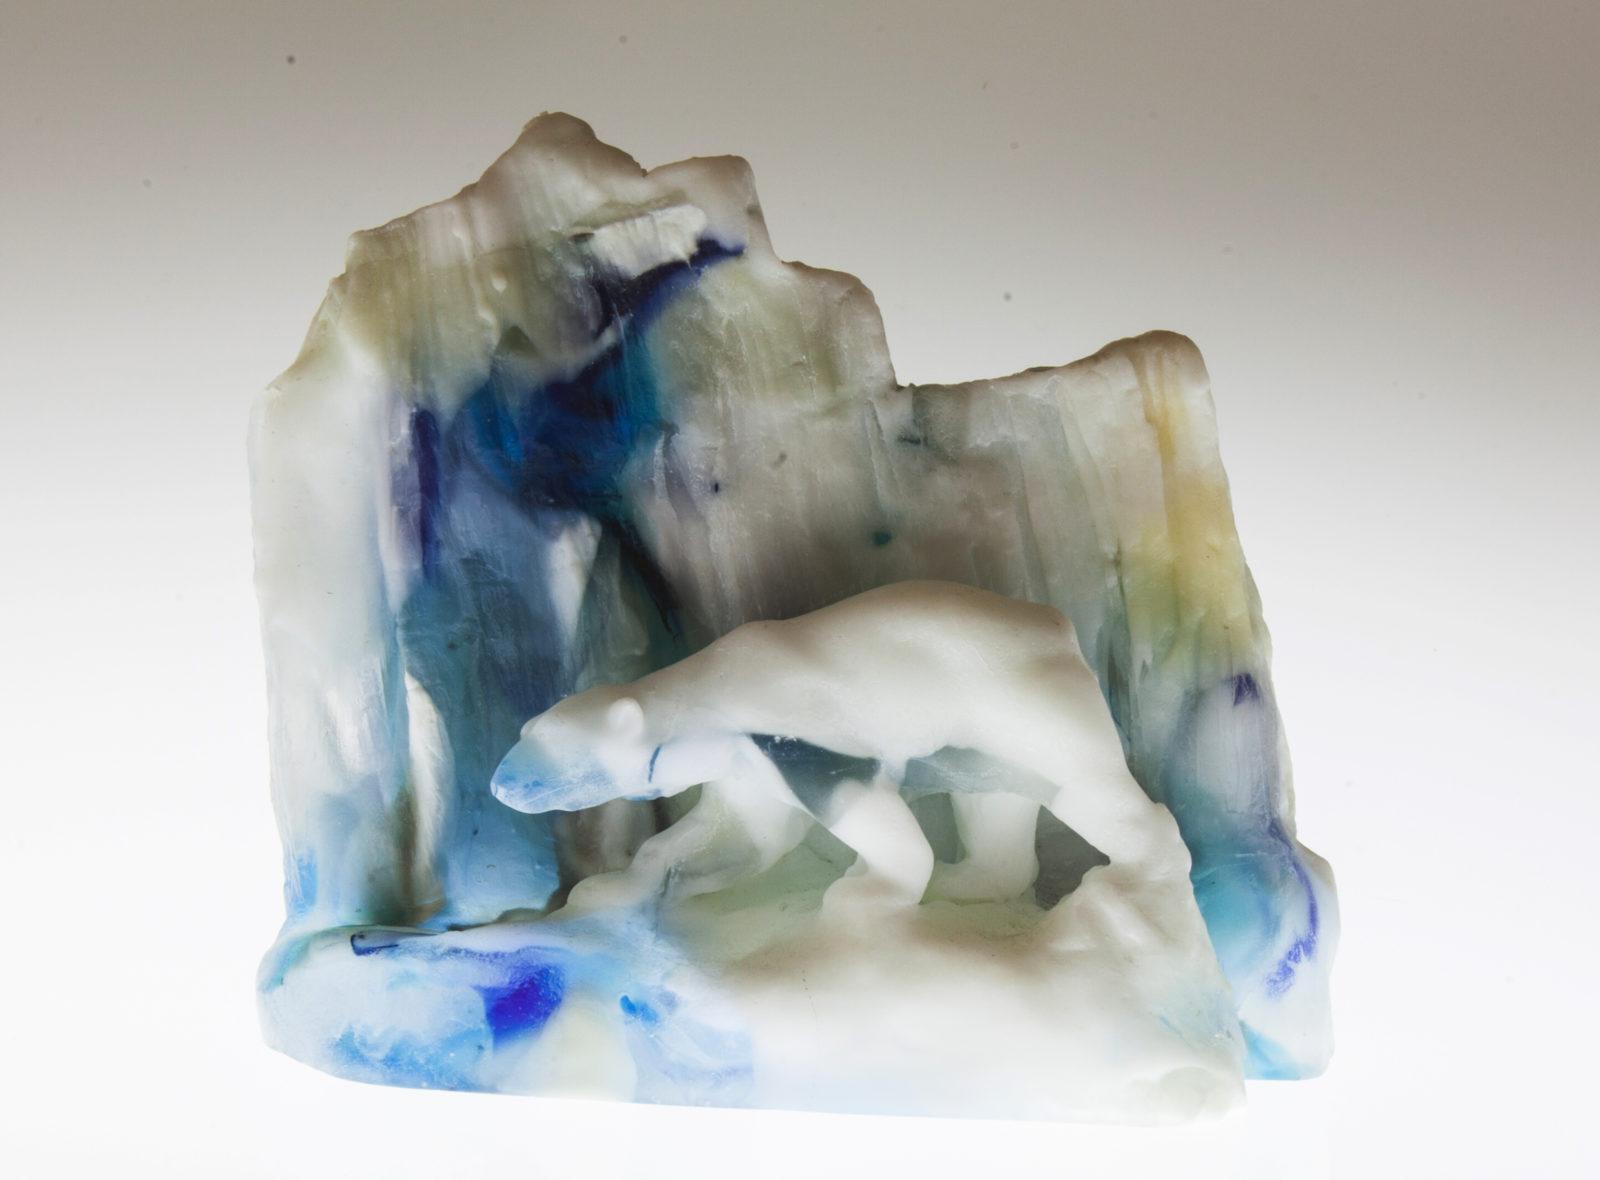 Sally K. Fairfax: Ice and Glass -